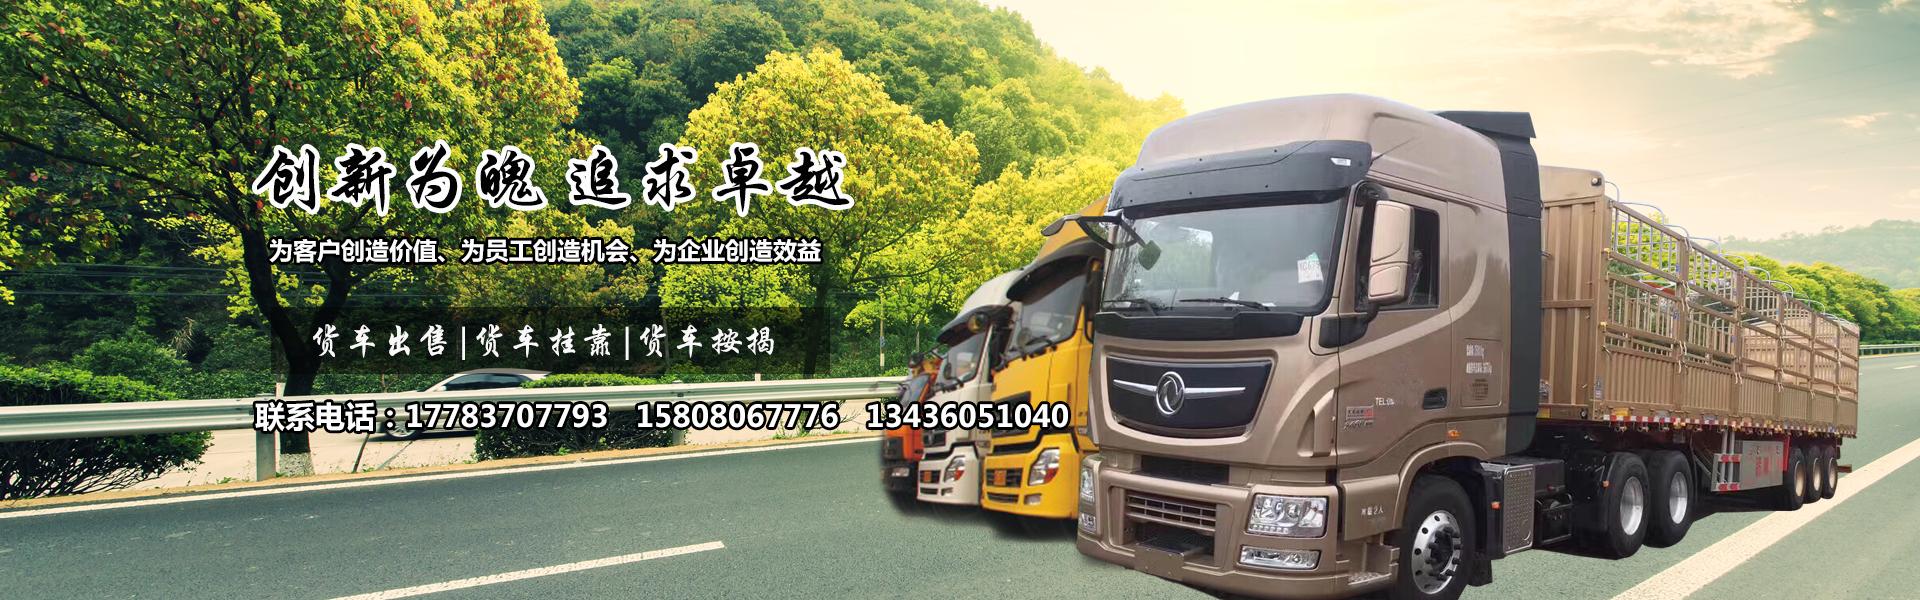 豐圣卡車專注于貨車出售,貨車掛靠,貨車按揭